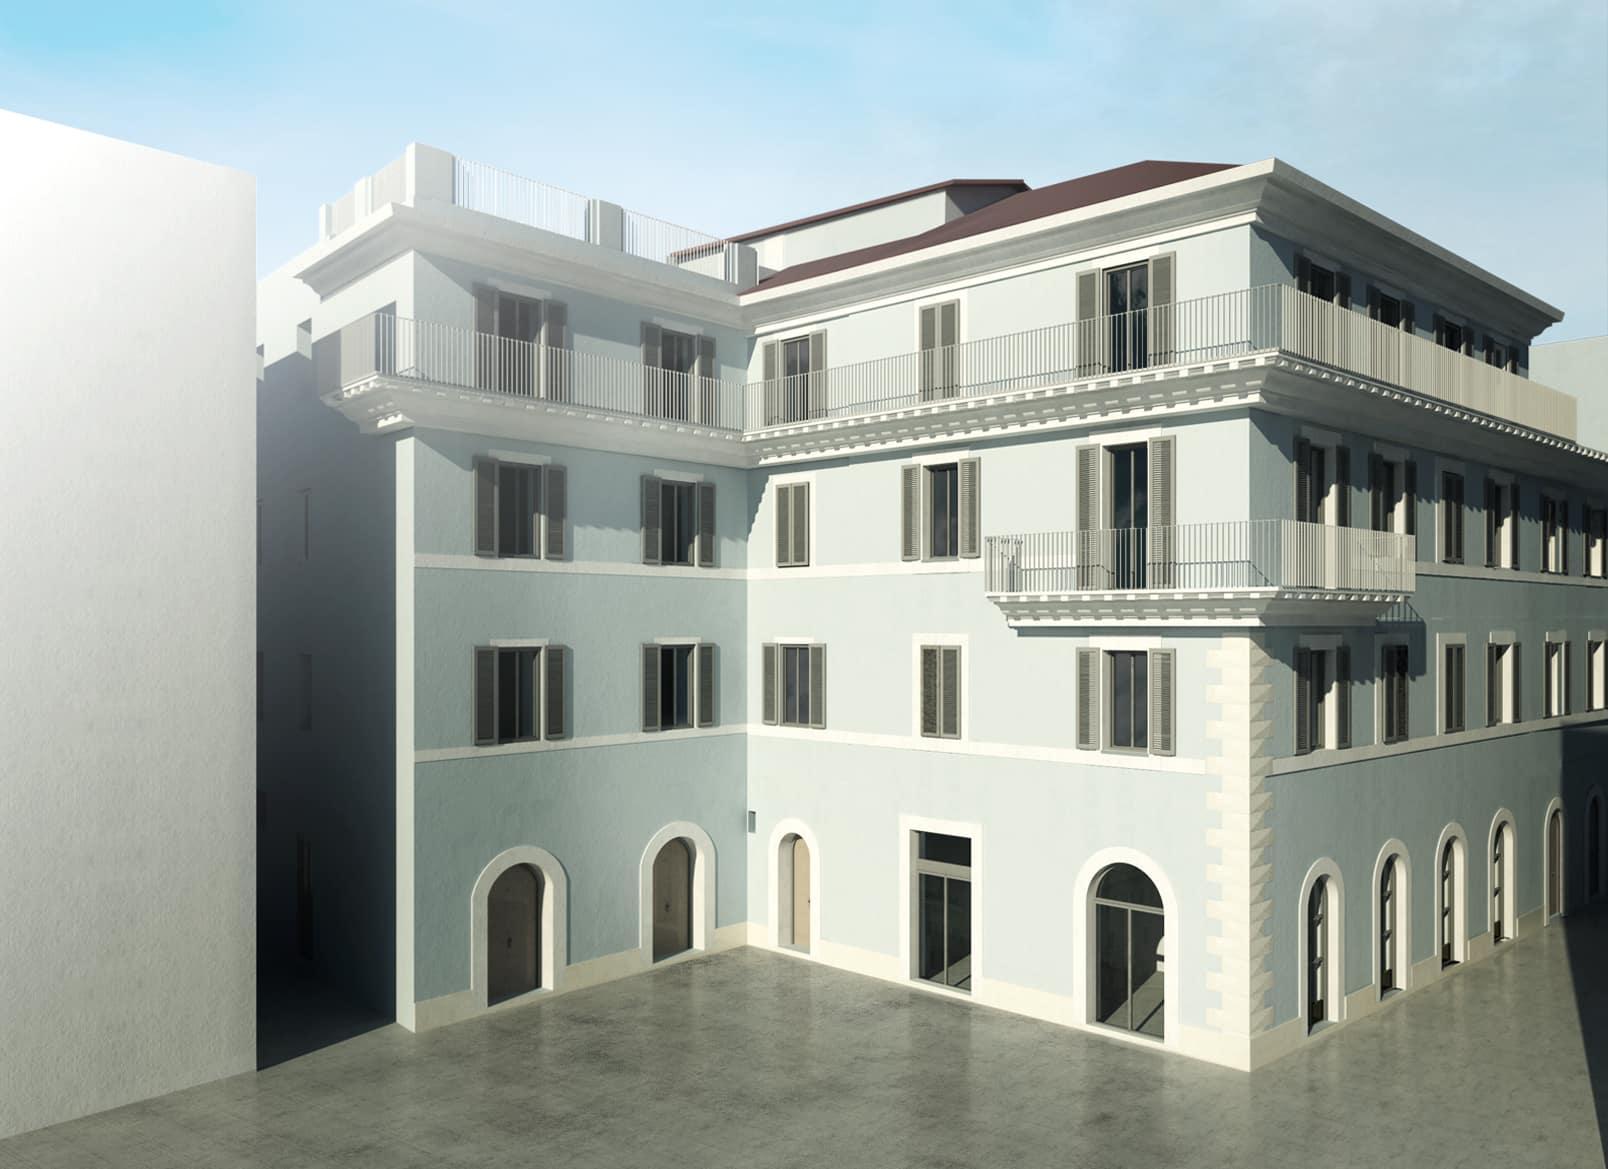 Sparch_Tivoli_Santa Croce - Progetto Ricostruzione